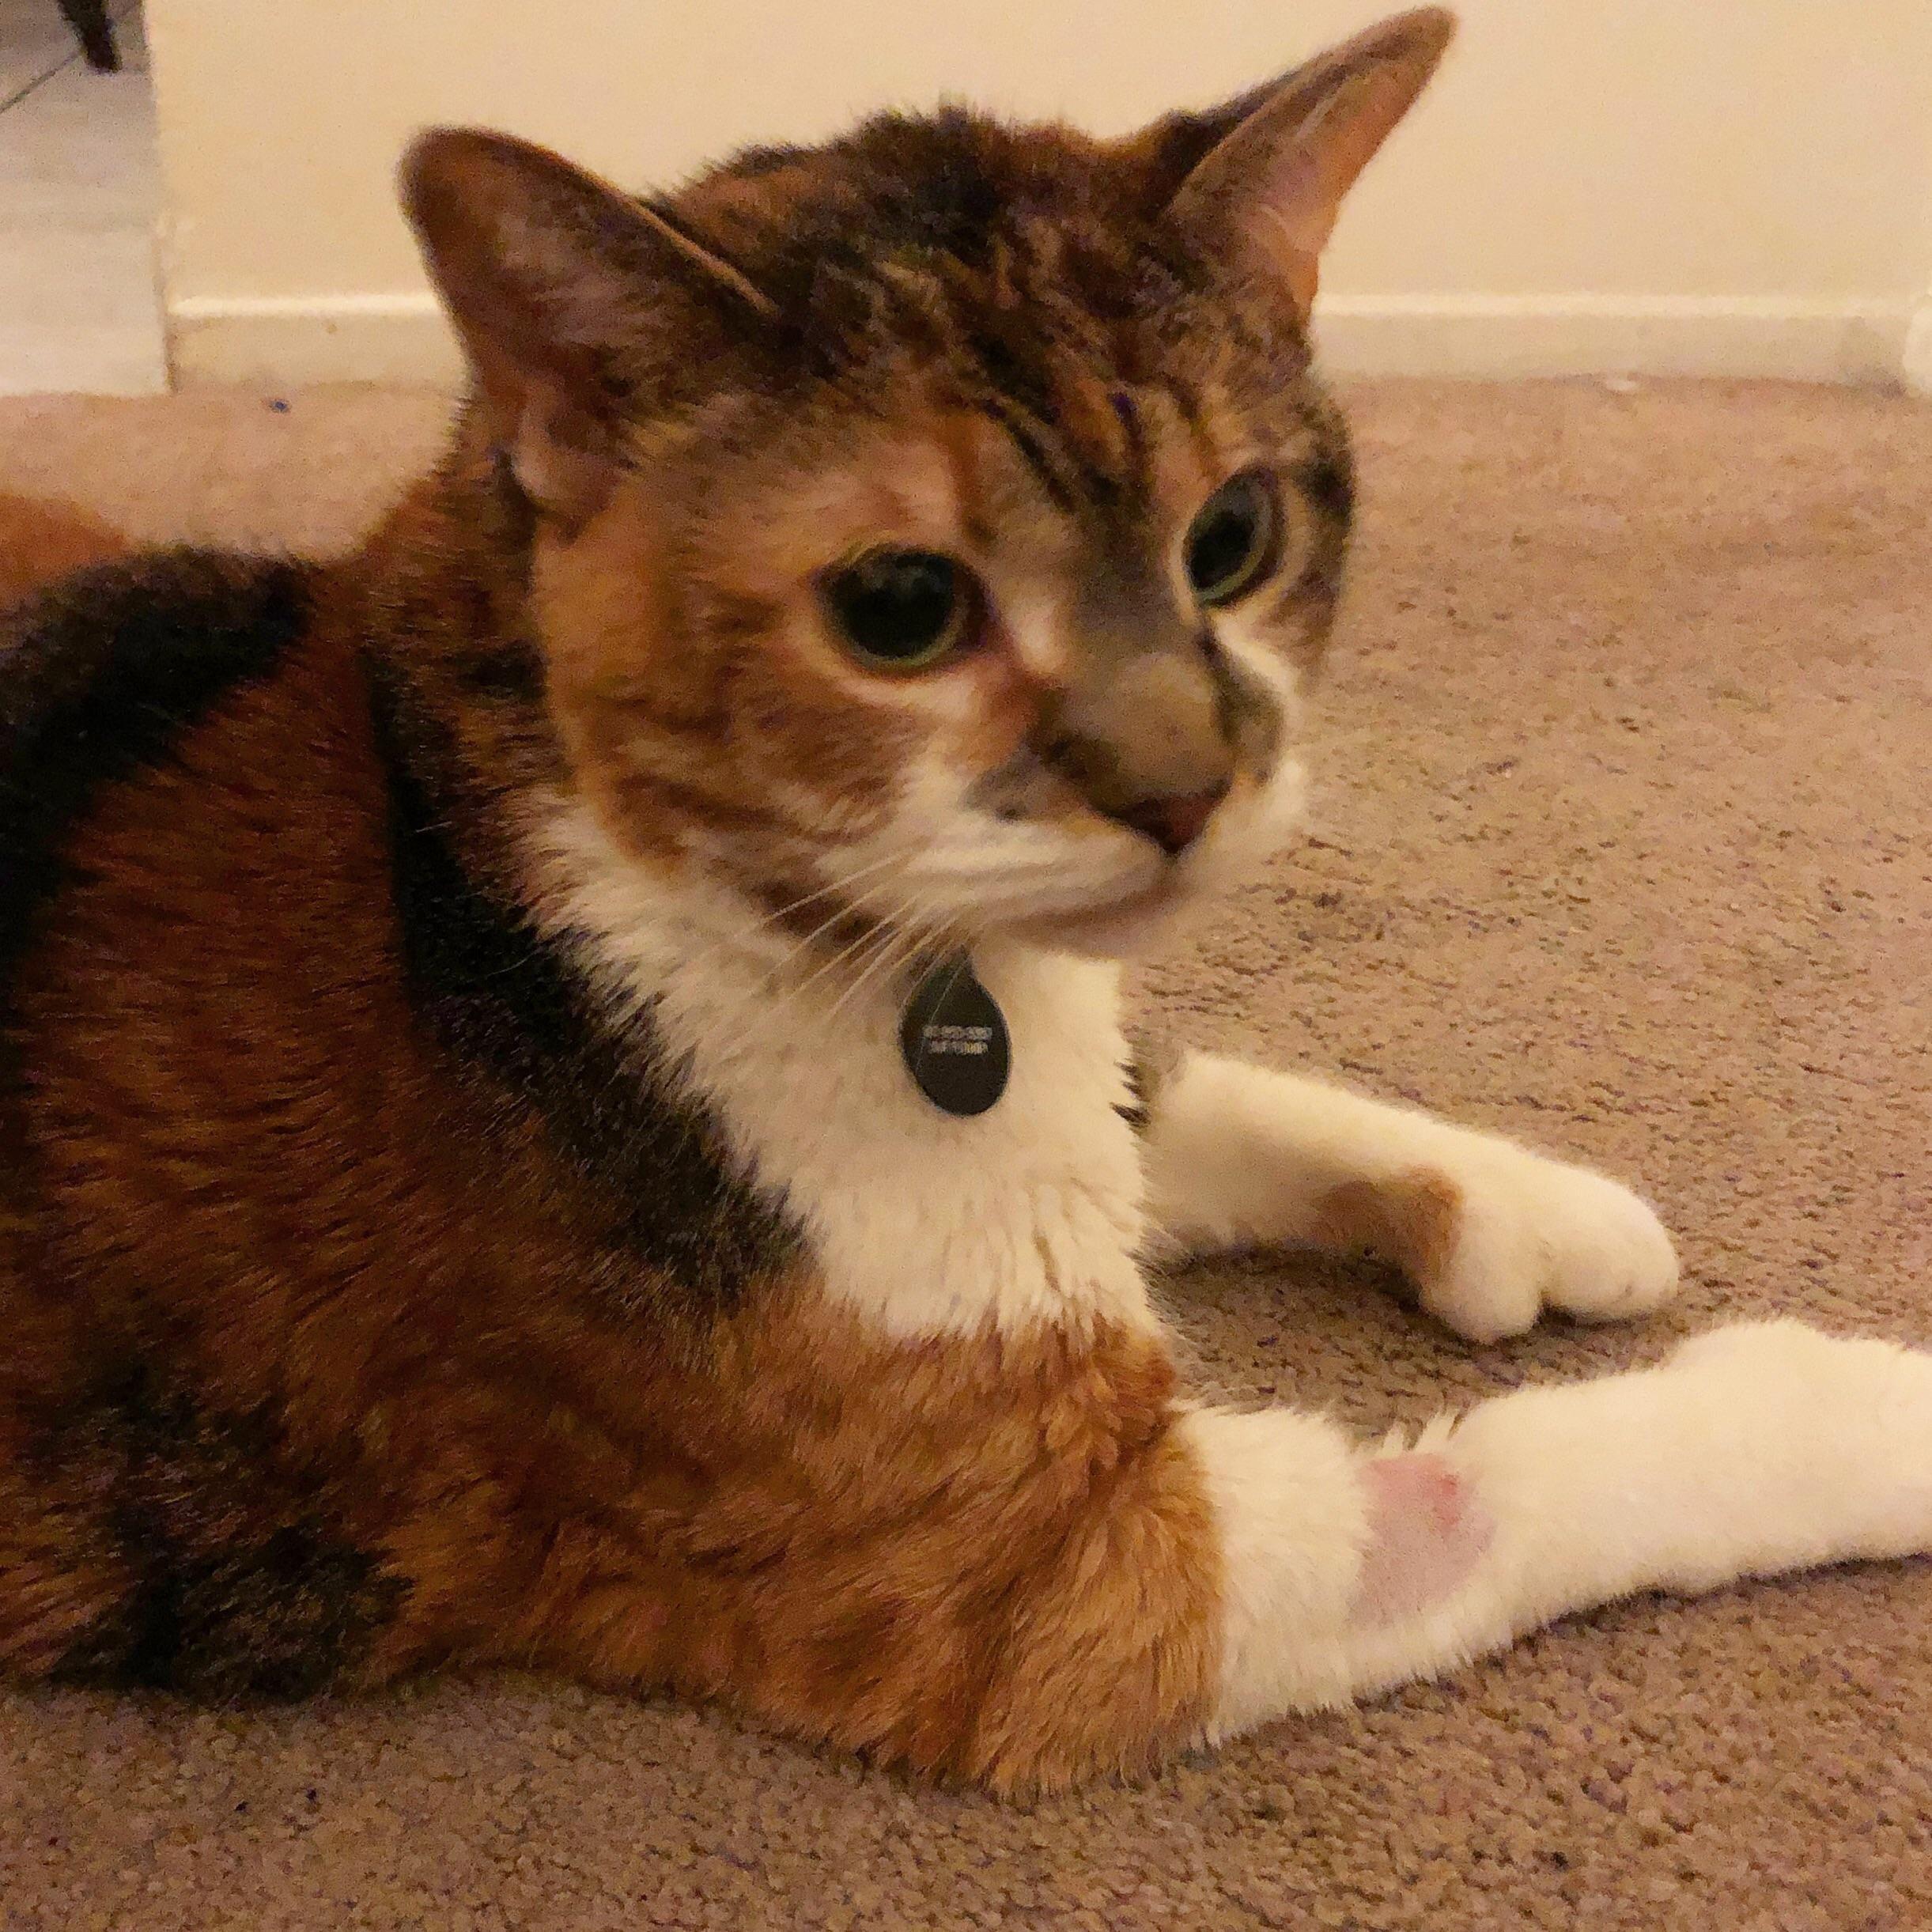 Cat Face Swollen After Dental